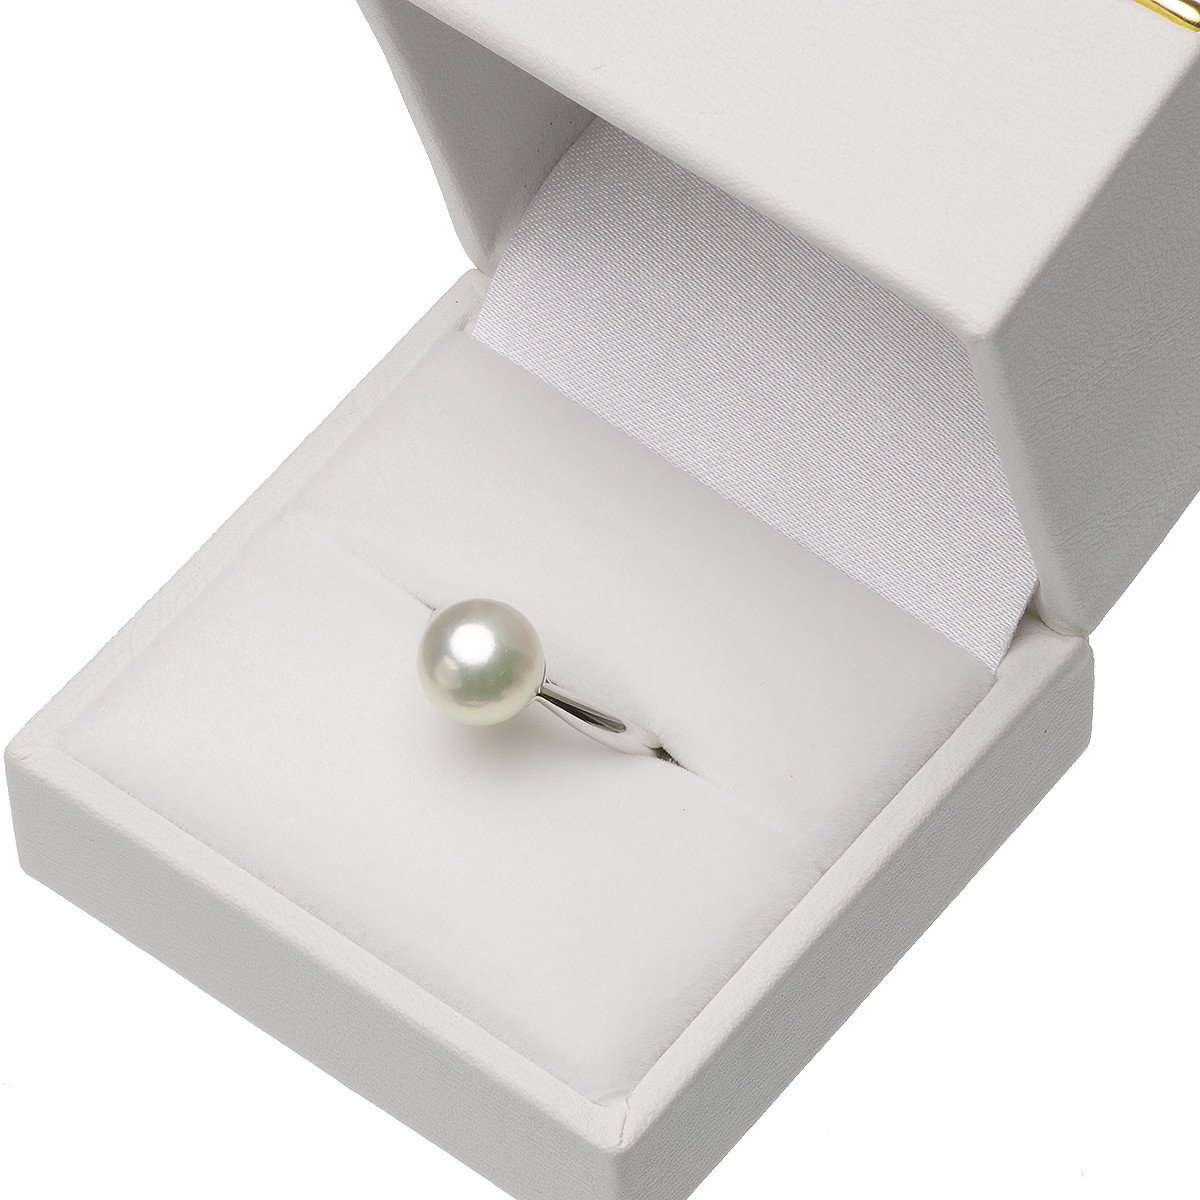 アコヤ真珠 花珠 パール リング 約8.5mm プラチナ pt900の写真